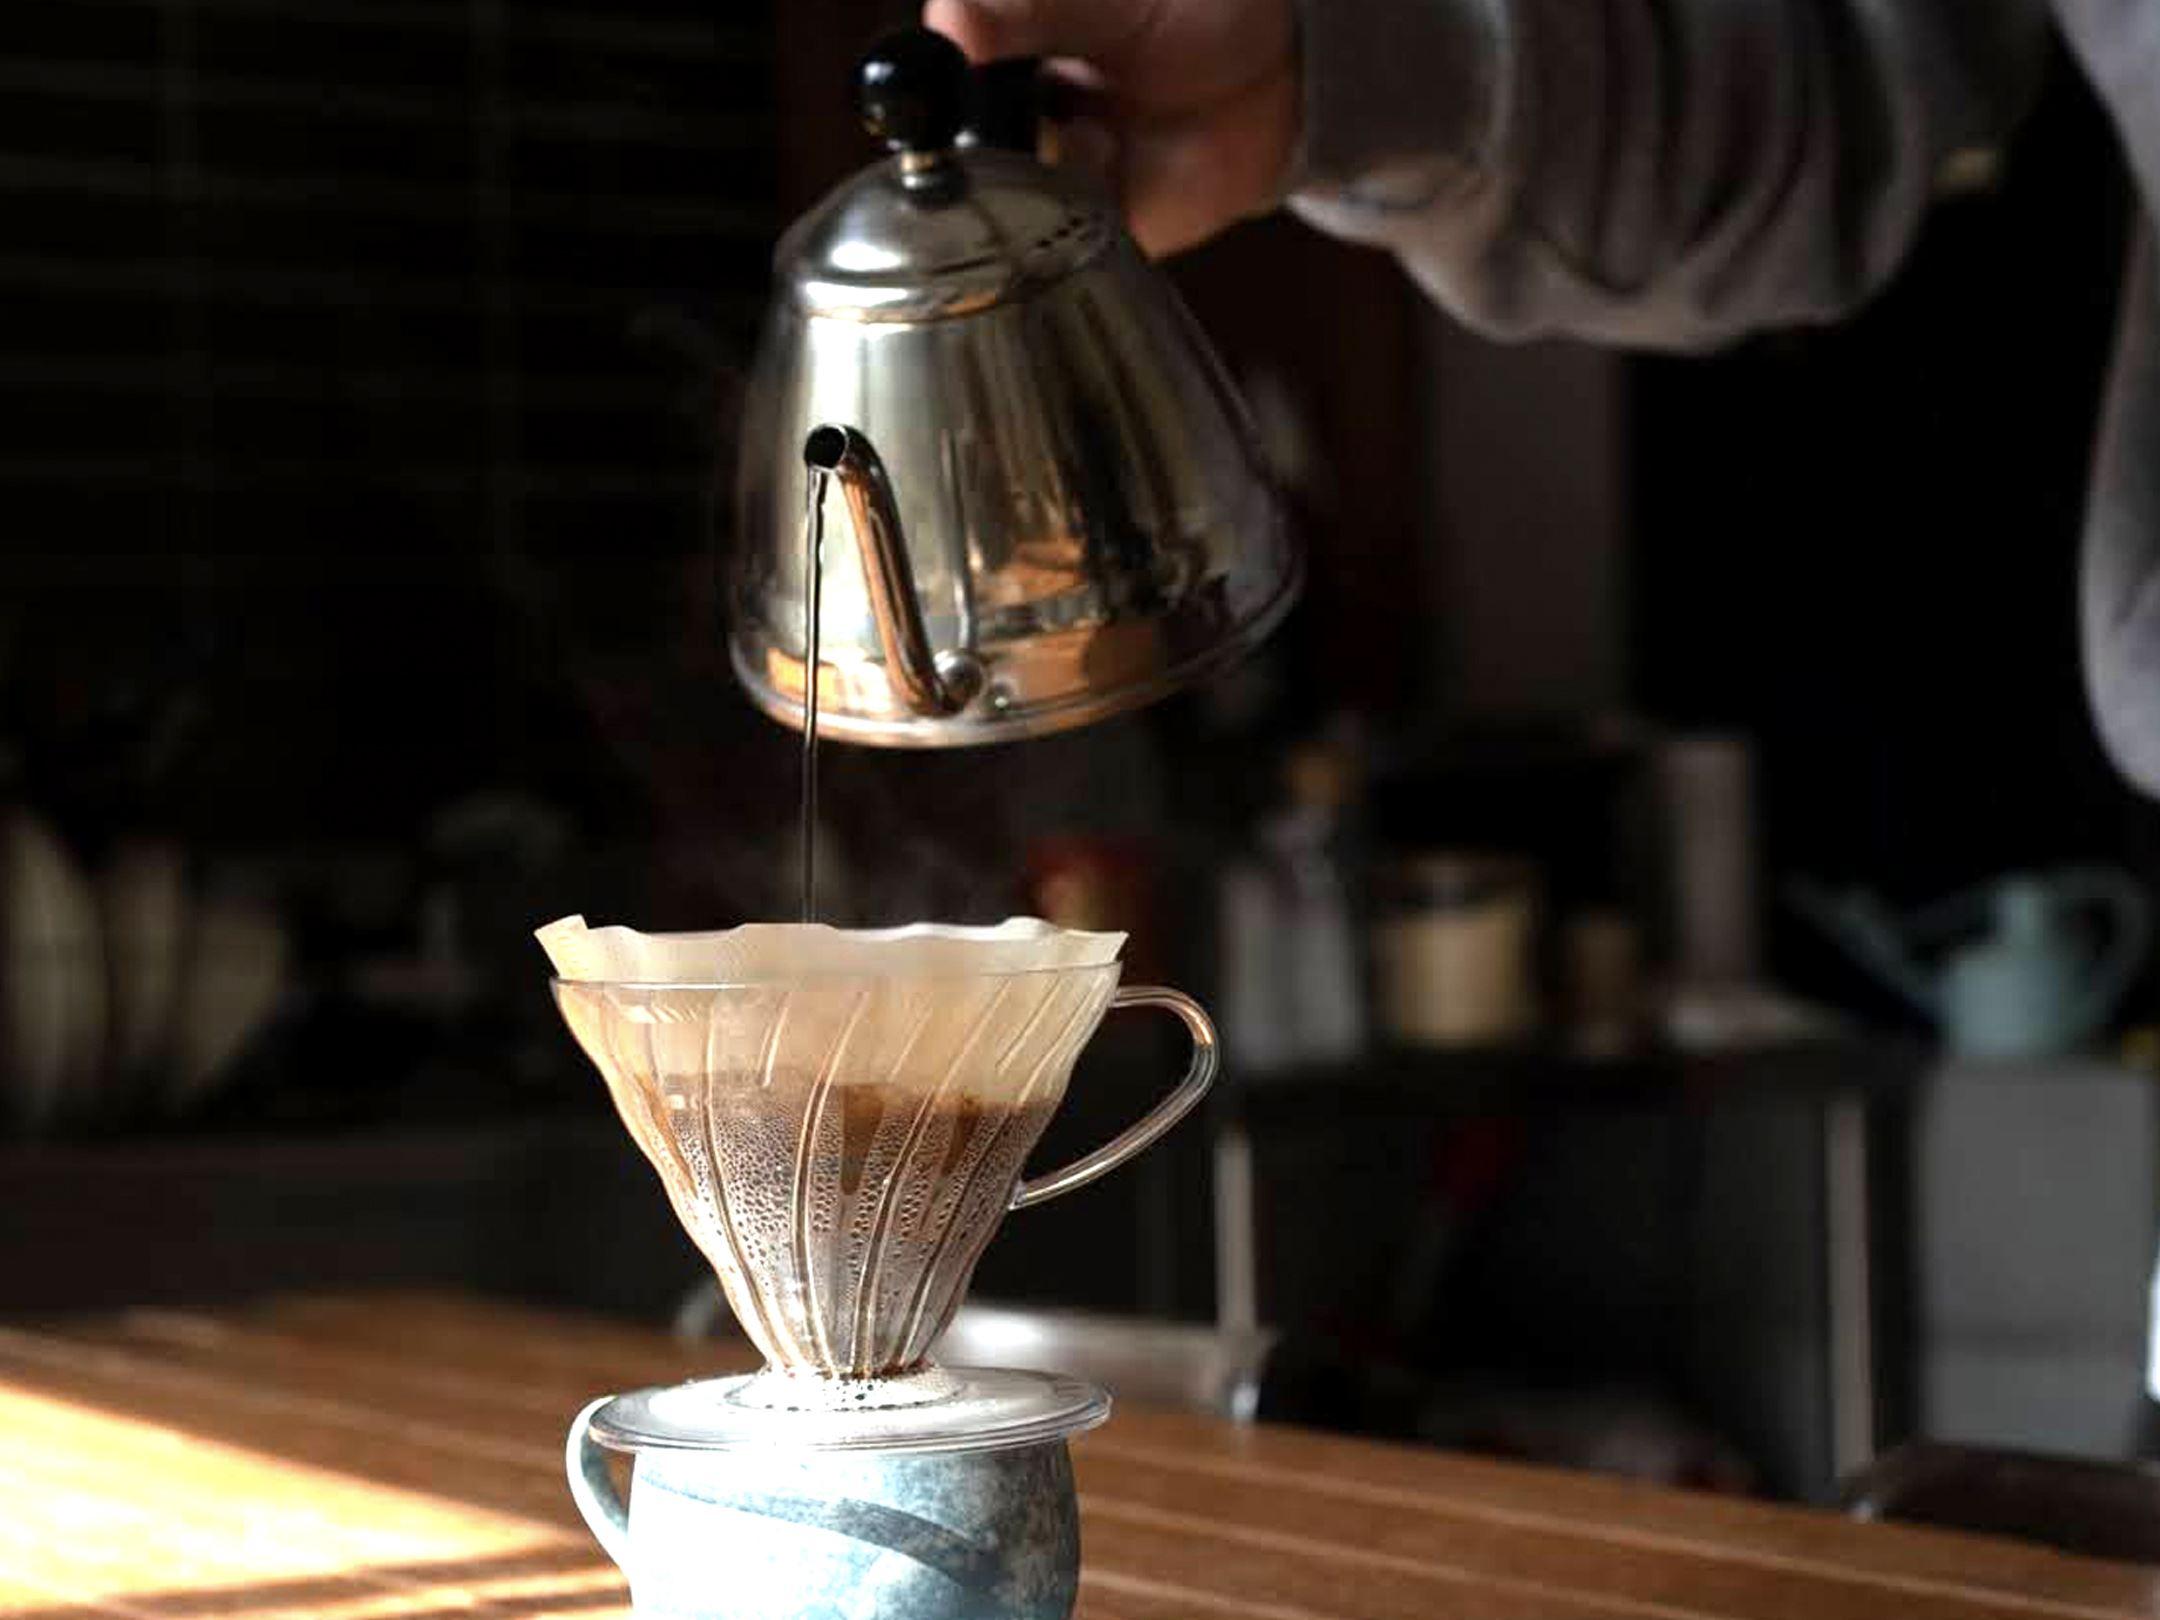 豆の種類だけじゃない。 抽出方法を知ることで、 自分好みのコーヒーに出会えるかも。